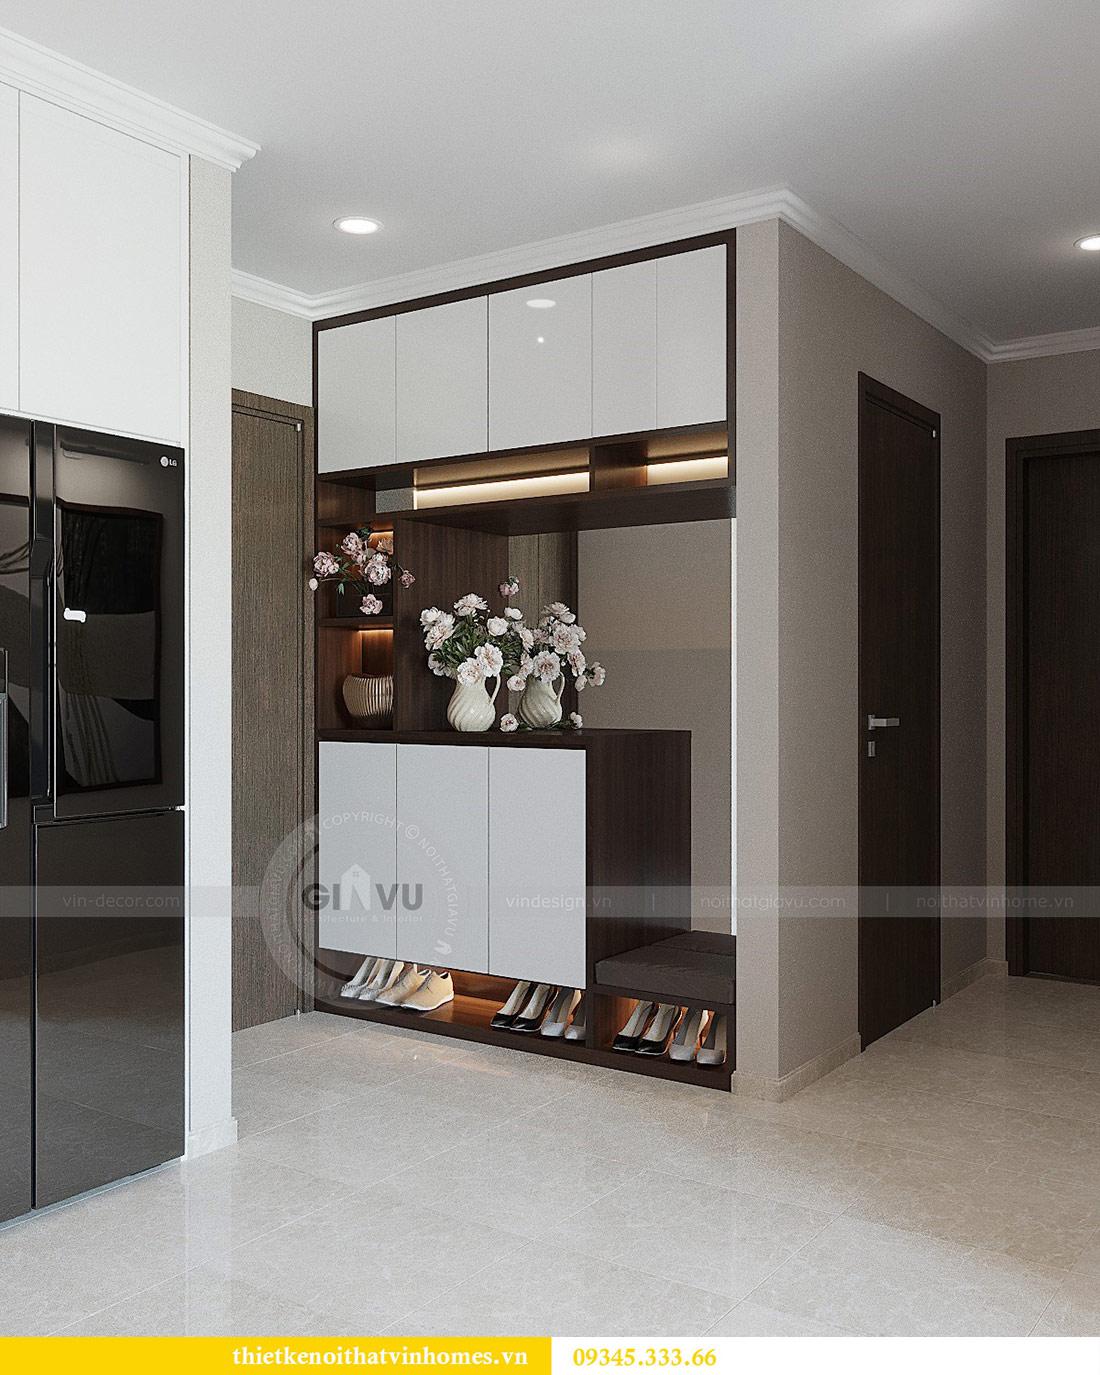 Thiết kế nội thất căn hộ 01 tòa C1 chung cư Dcapitale Trần Duy Hưng 1